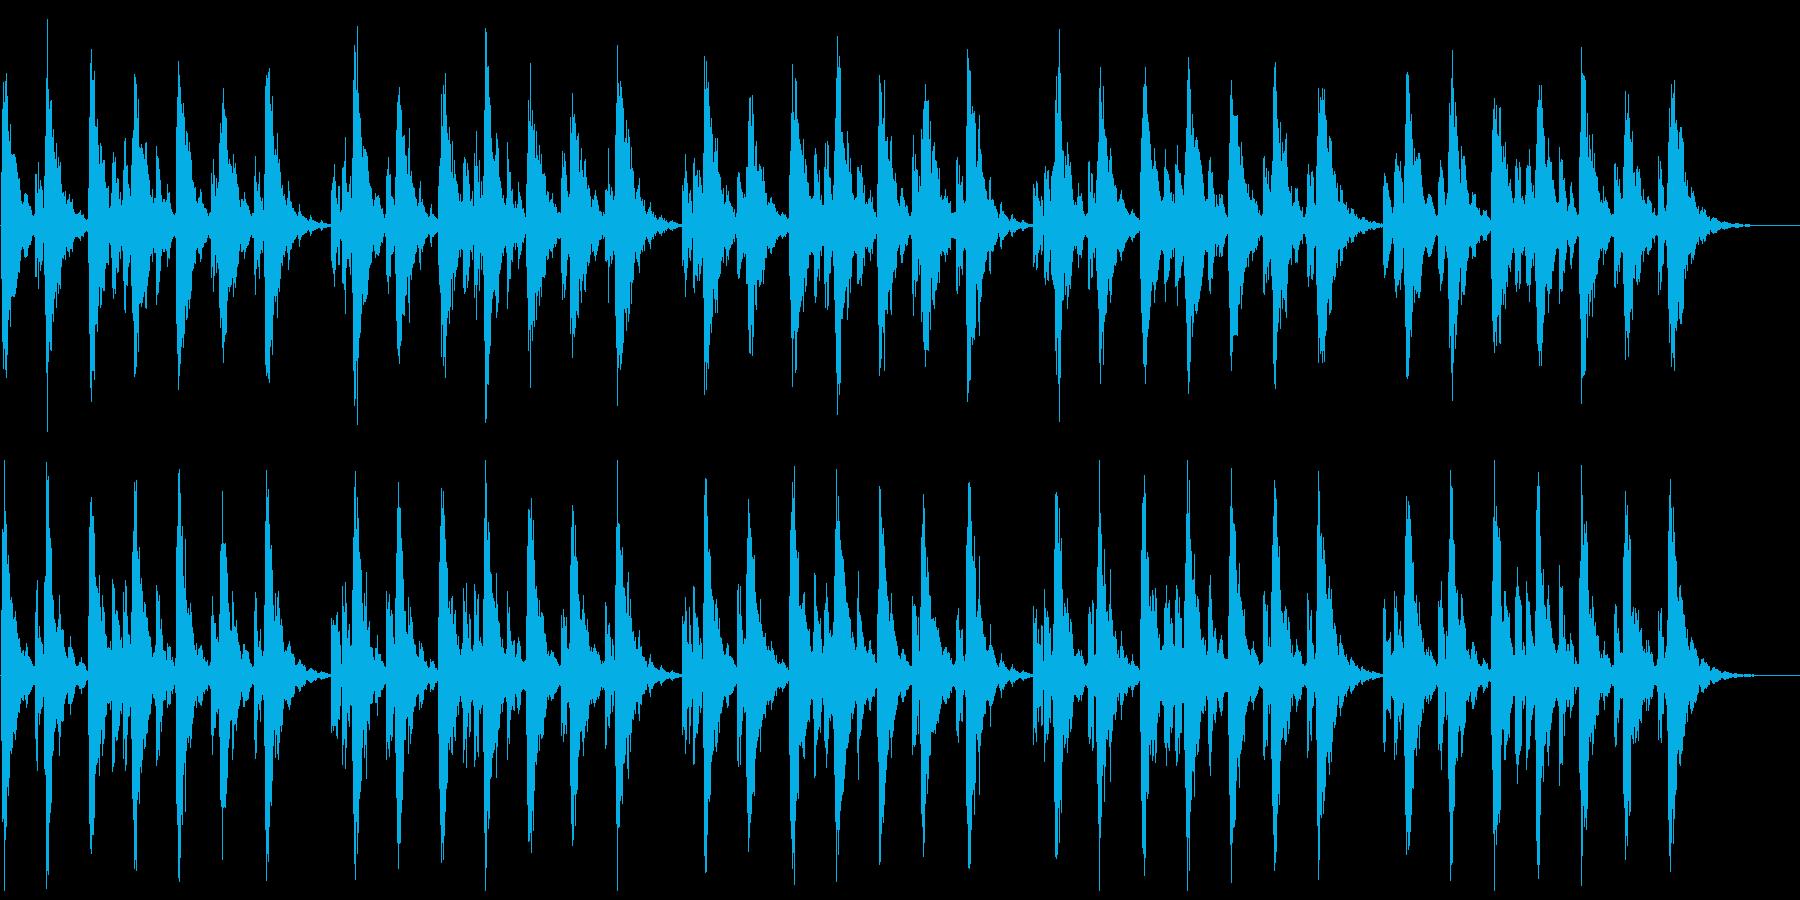 シンセの心地よいBGM(パッドなし)の再生済みの波形